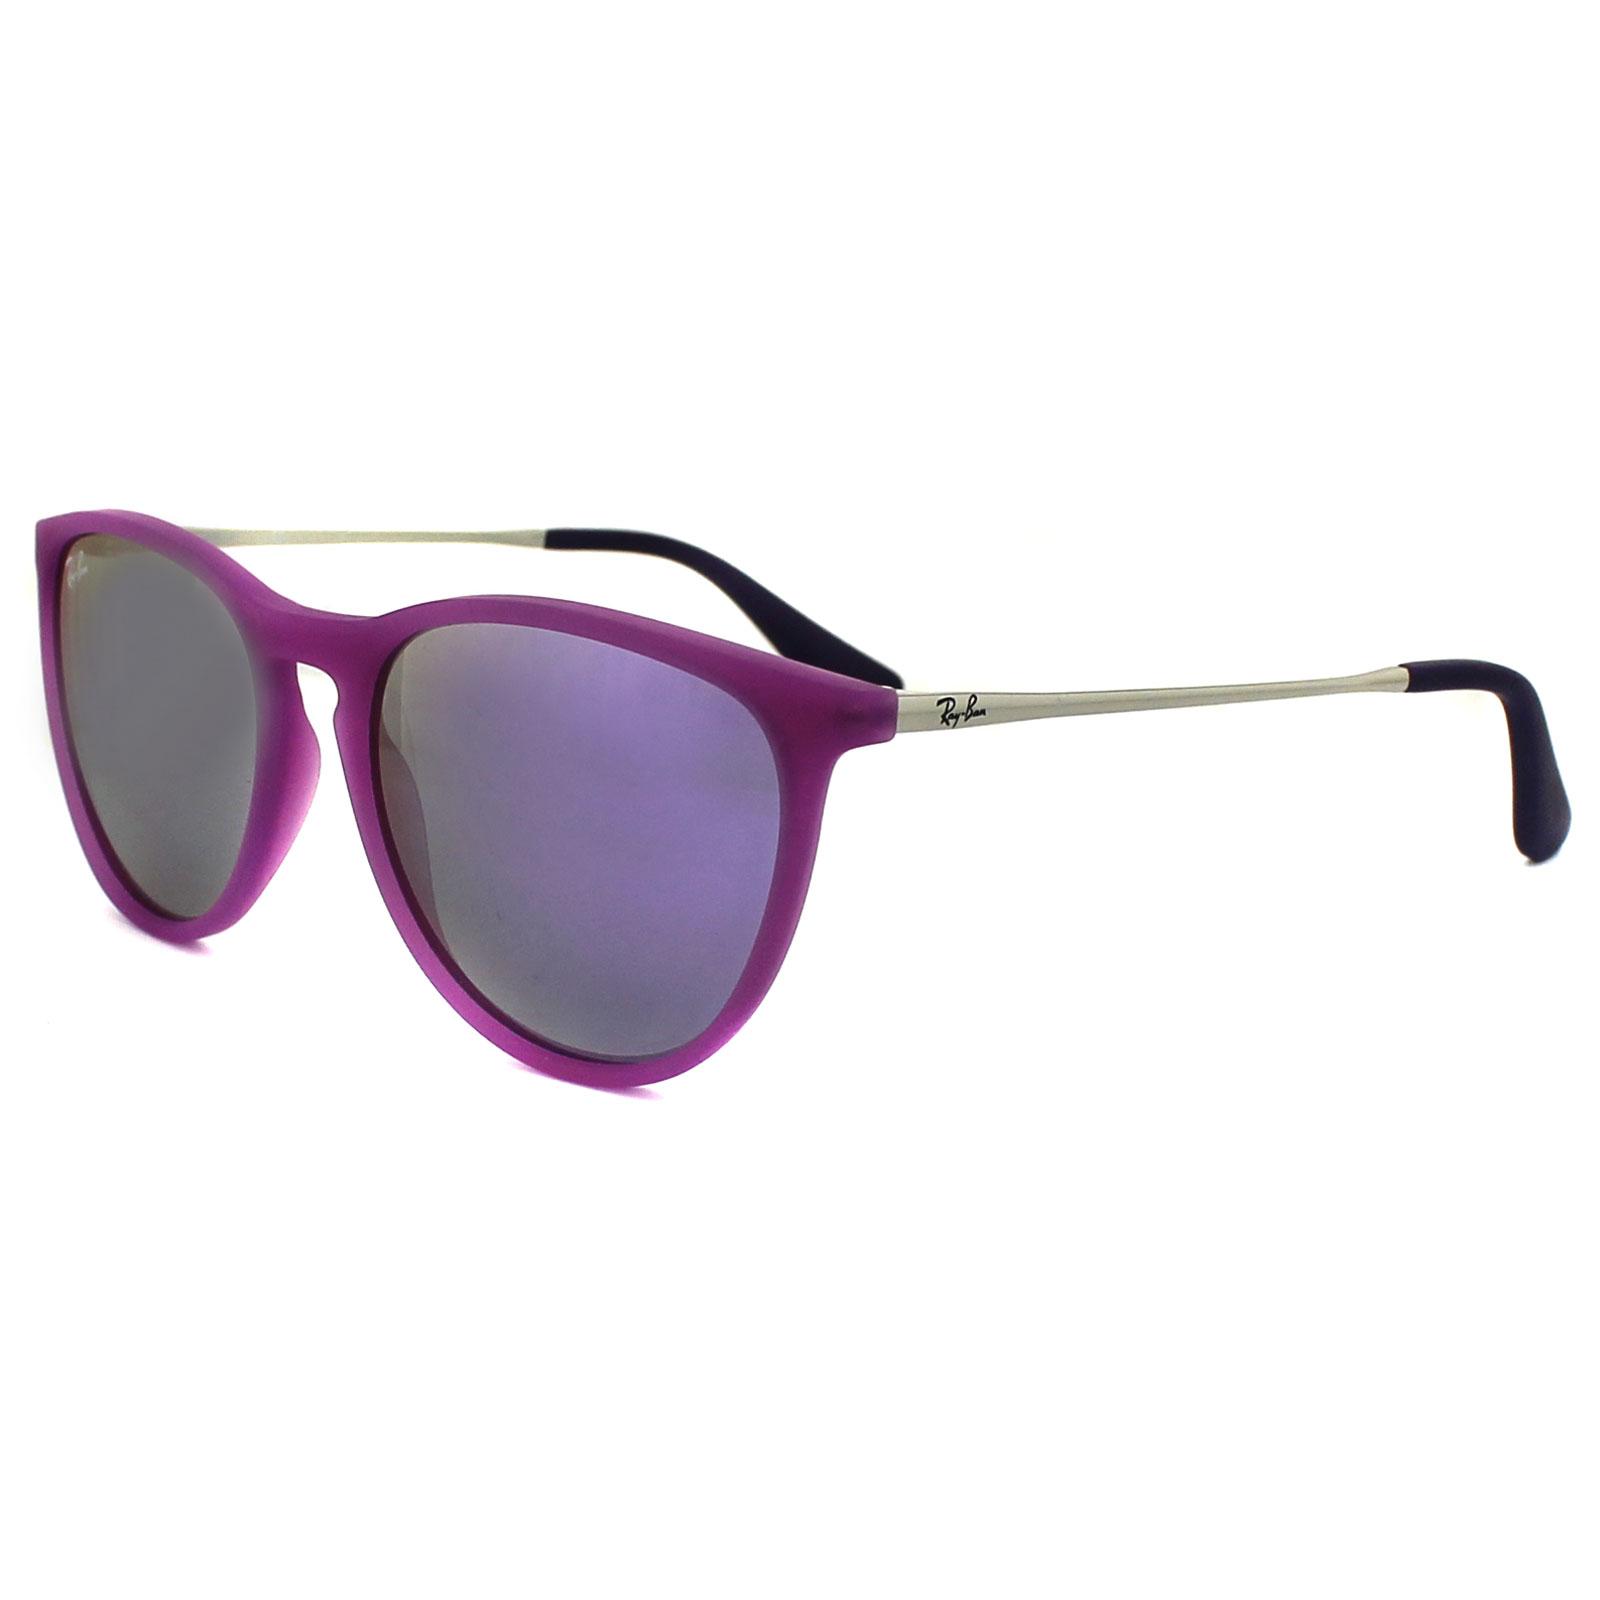 ray ban junior sunglasses izzy 9060 70084v rubber violet. Black Bedroom Furniture Sets. Home Design Ideas